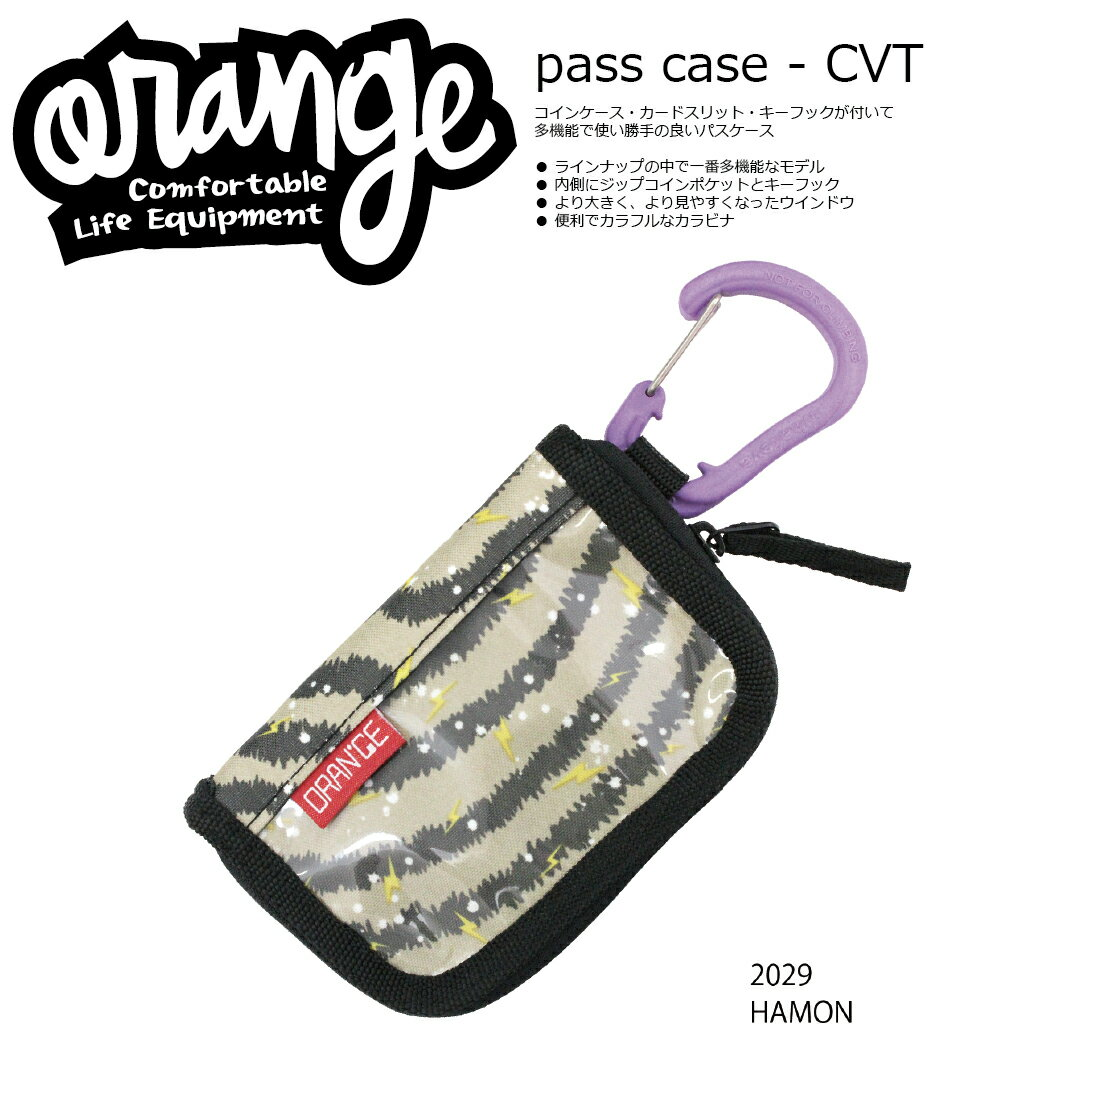 Oran'ge Pass-Case CVT カラビナ付 2029 HAMON オレンジ パスケース 横タイプ シーブイティー 収納ポケット付 2017 2017-18